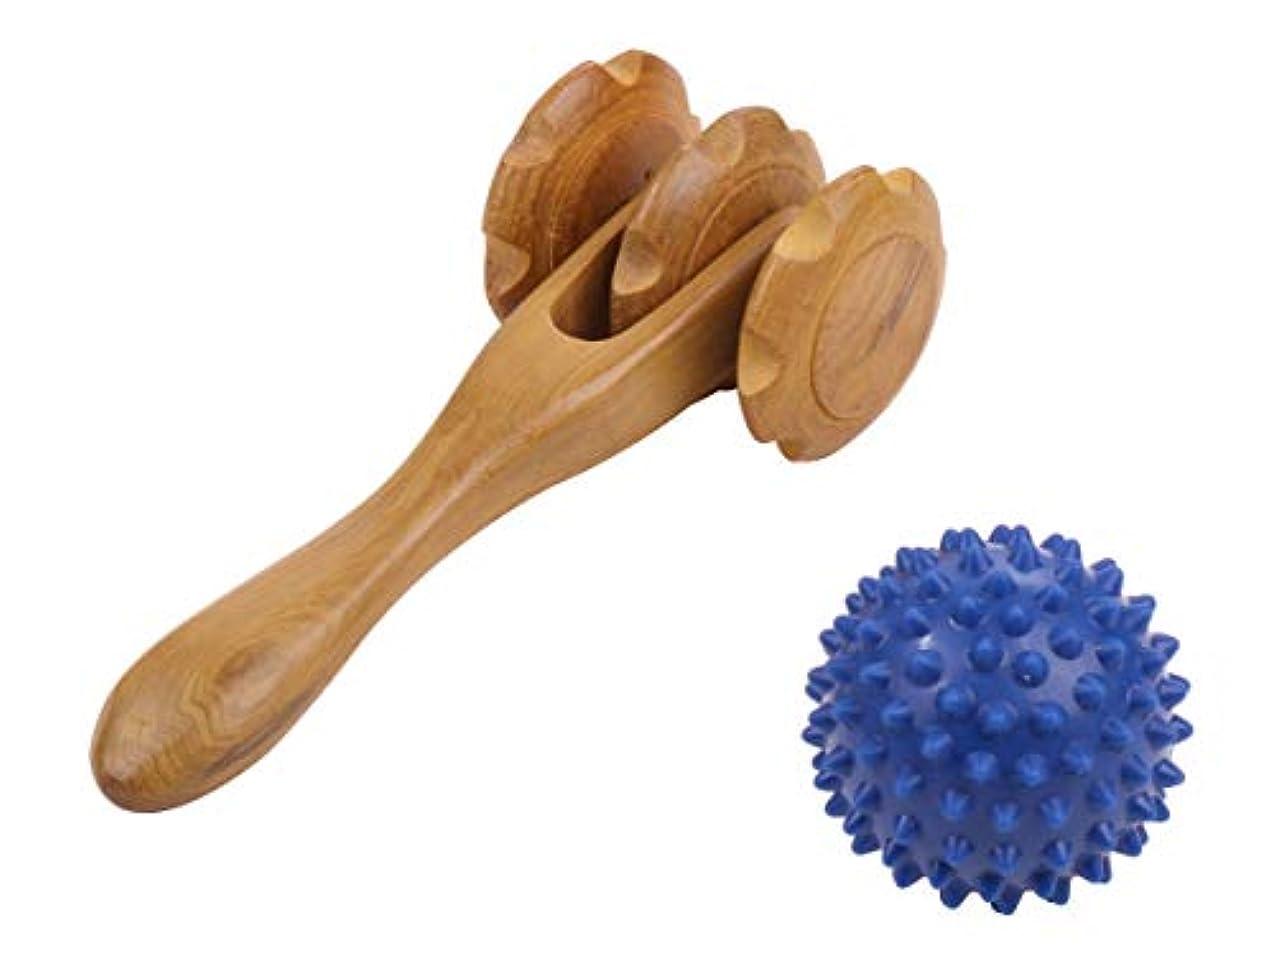 革命的空中トンネル筋膜 筋肉ほぐし 用 木製 マッサージローラー 指圧ボール 付 血行促進 肩こり 足のむくみ 解消